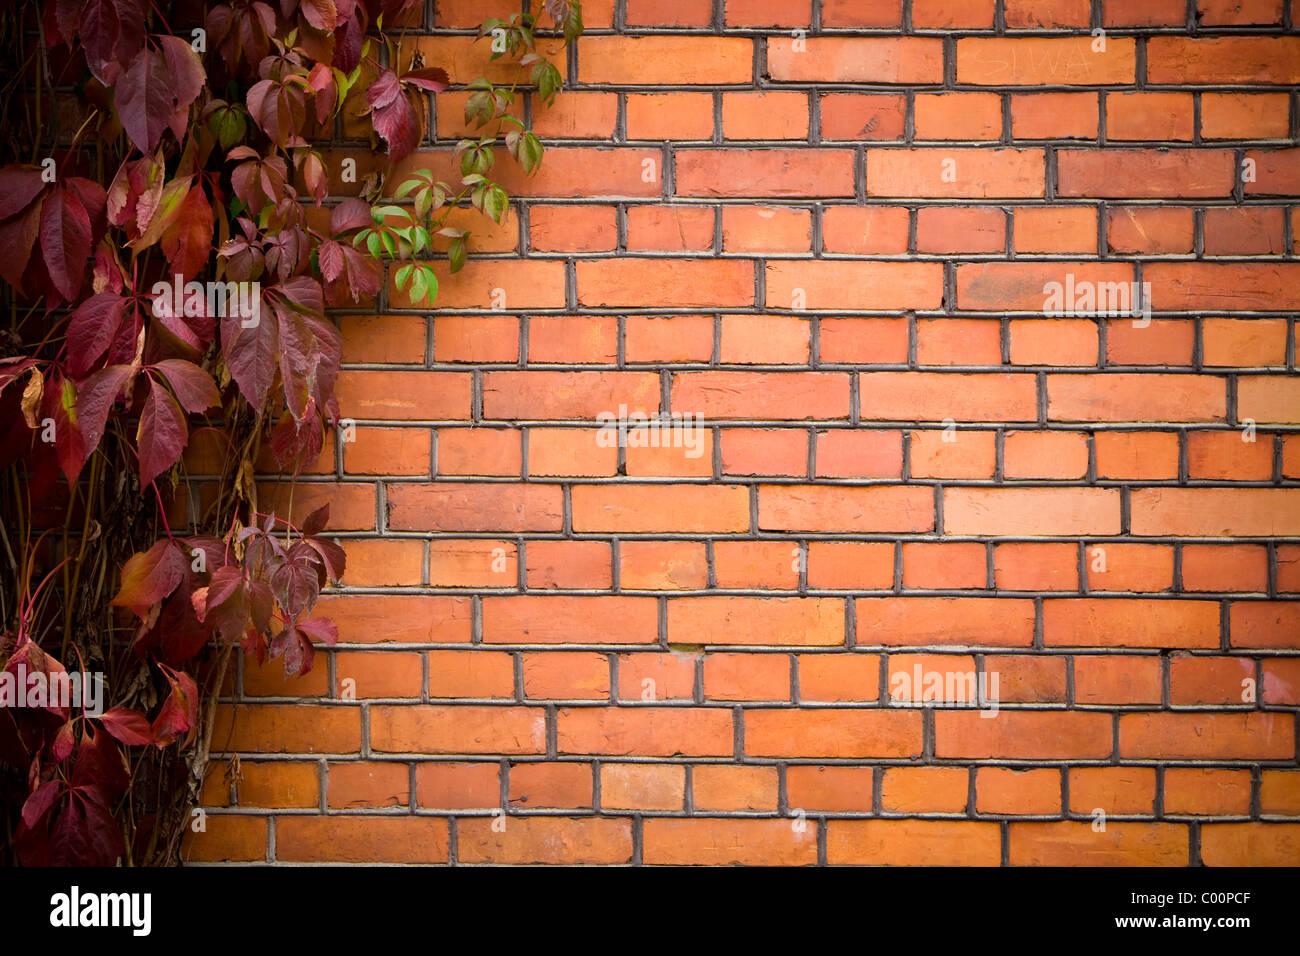 Wand mit Reben. Mauer mit Efeu bedeckt. Stockbild